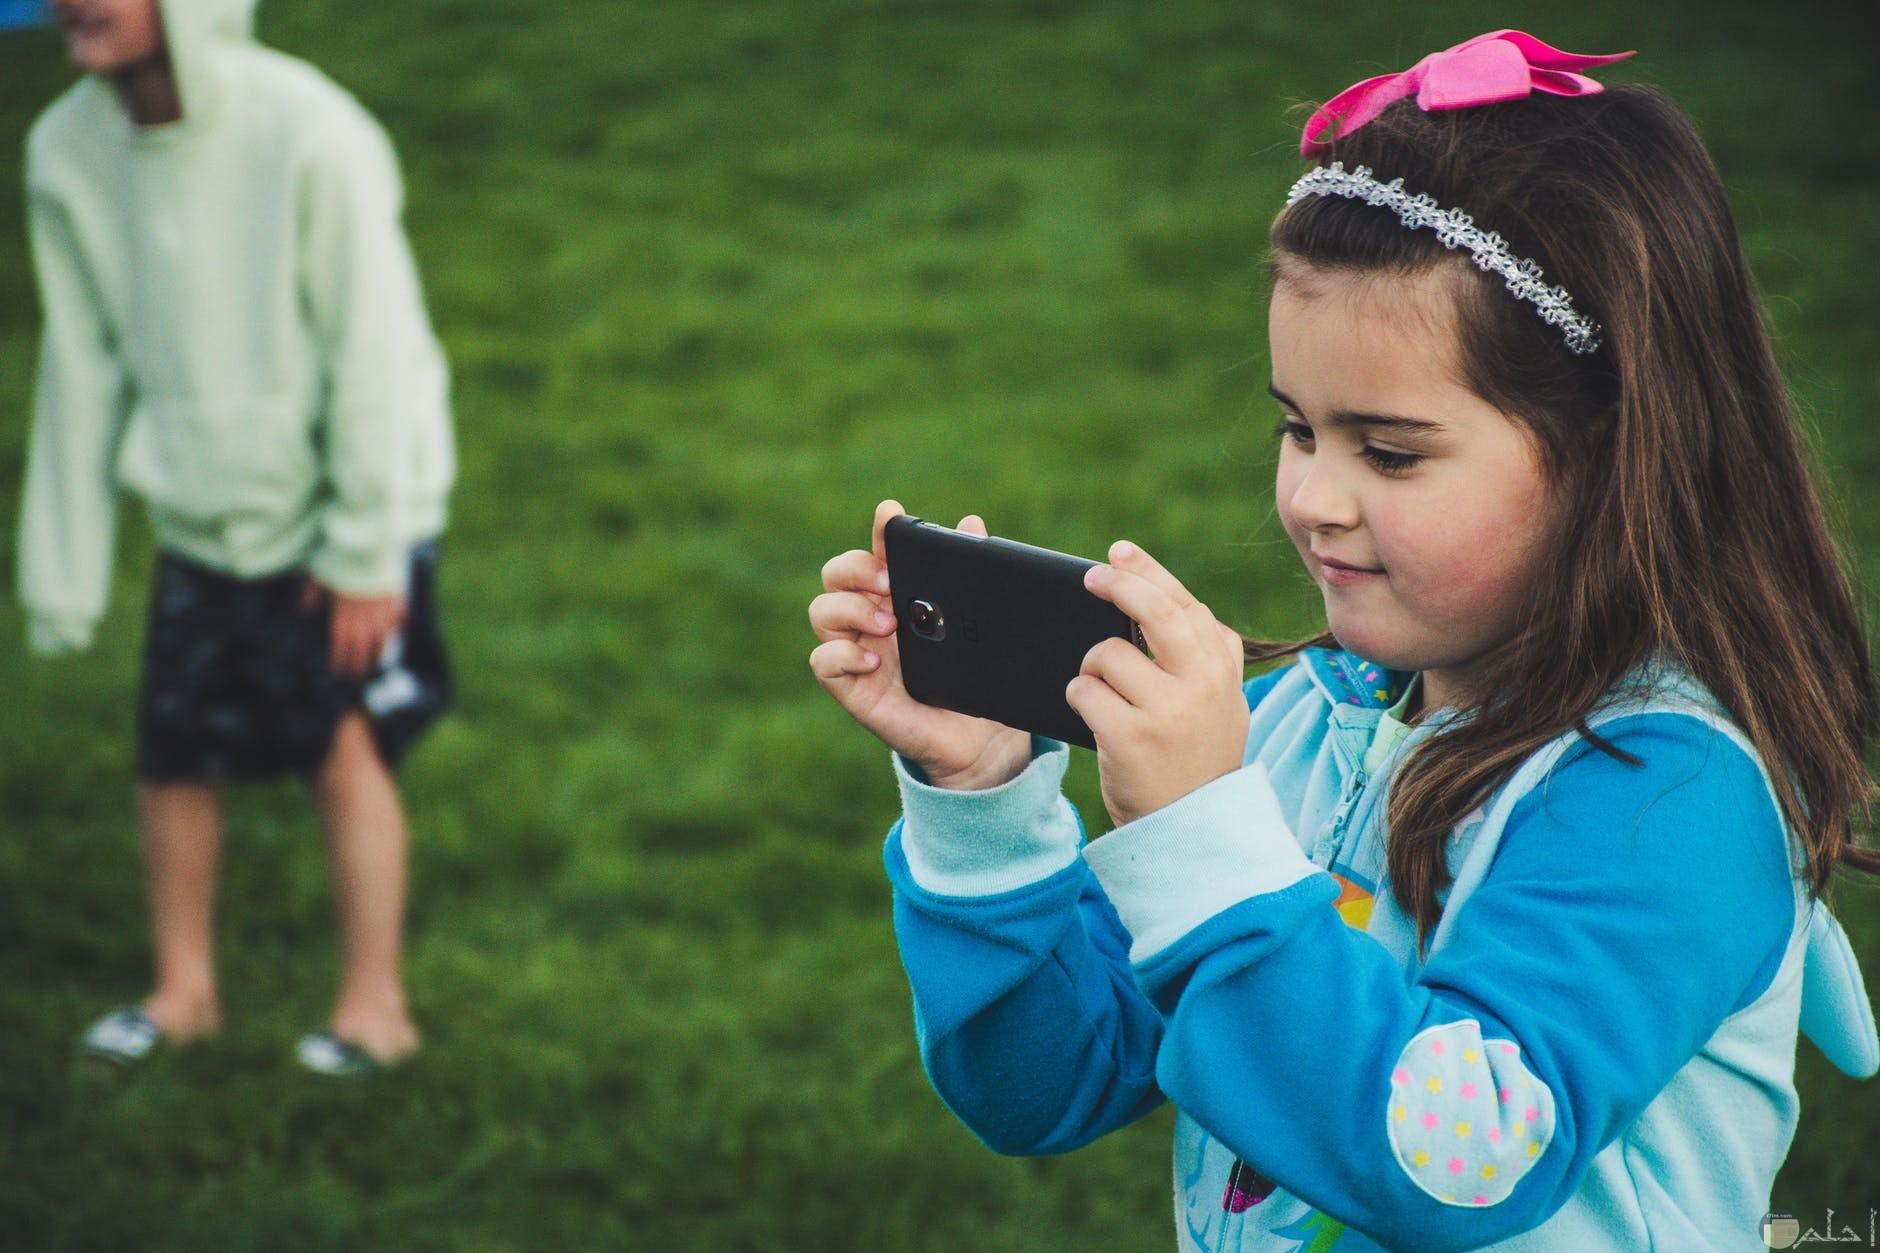 صورة بنت تلتقط صورة فى مناسبة سعيدة